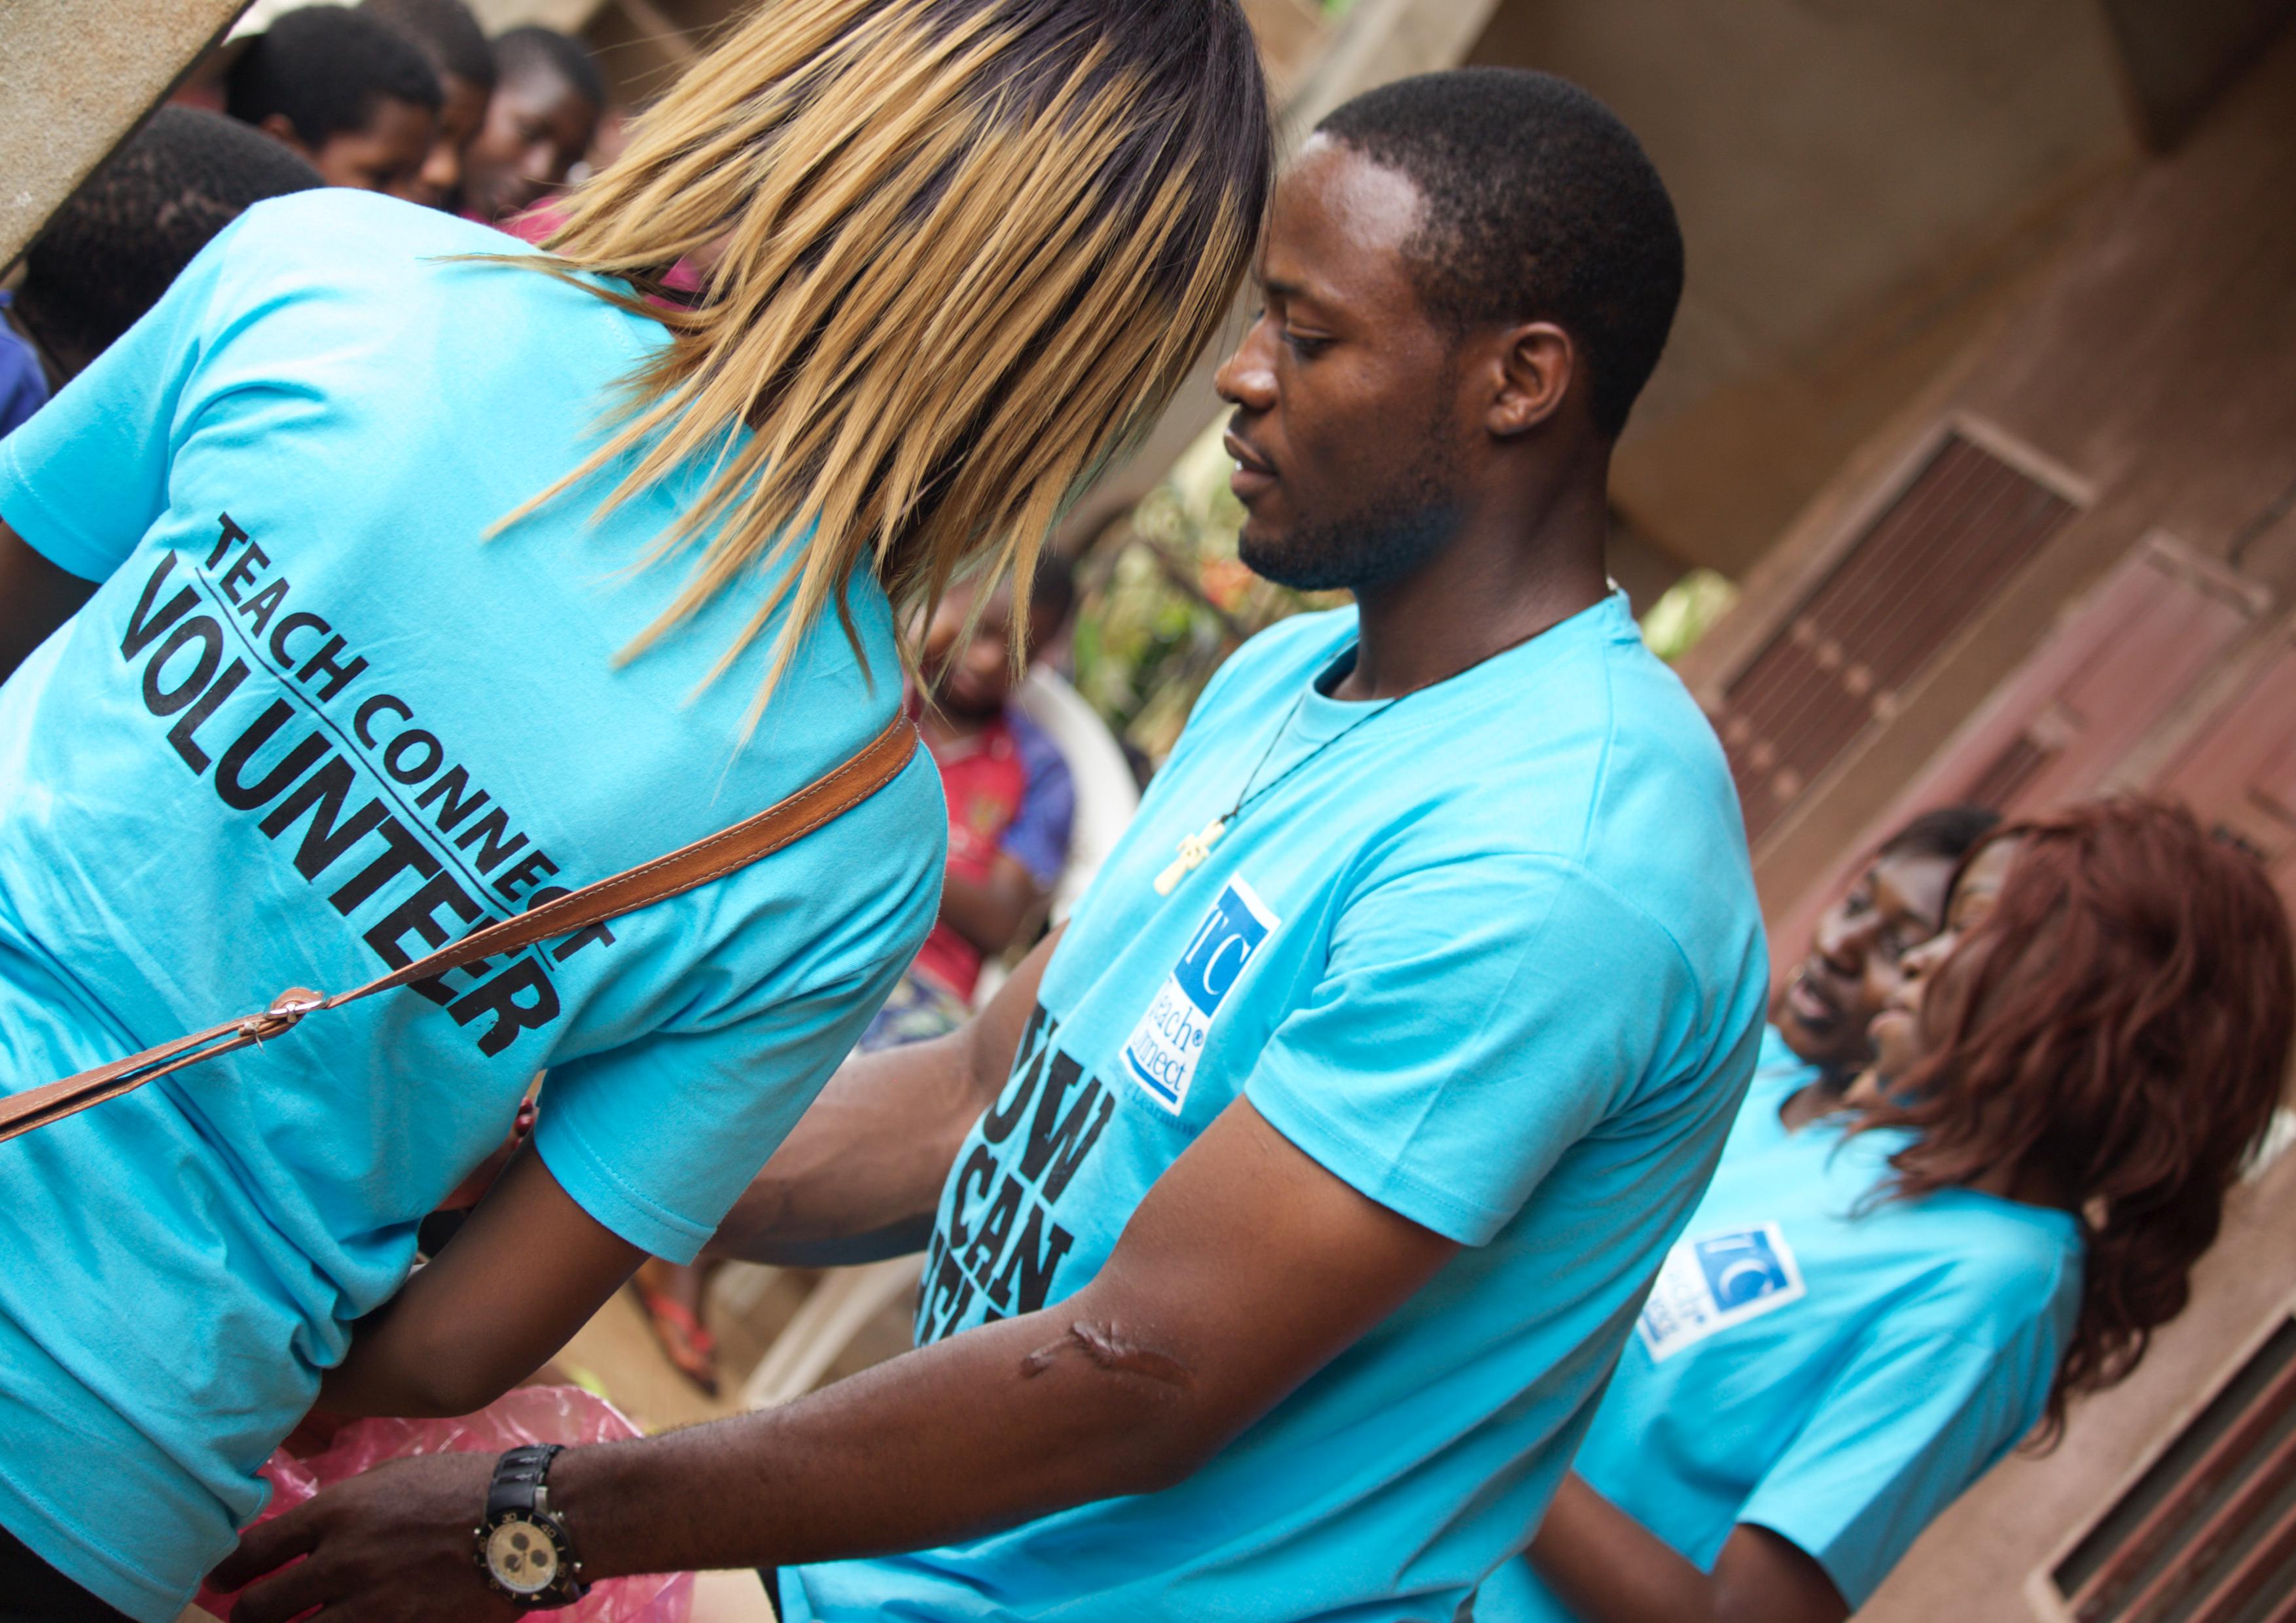 Supportive Volunteers